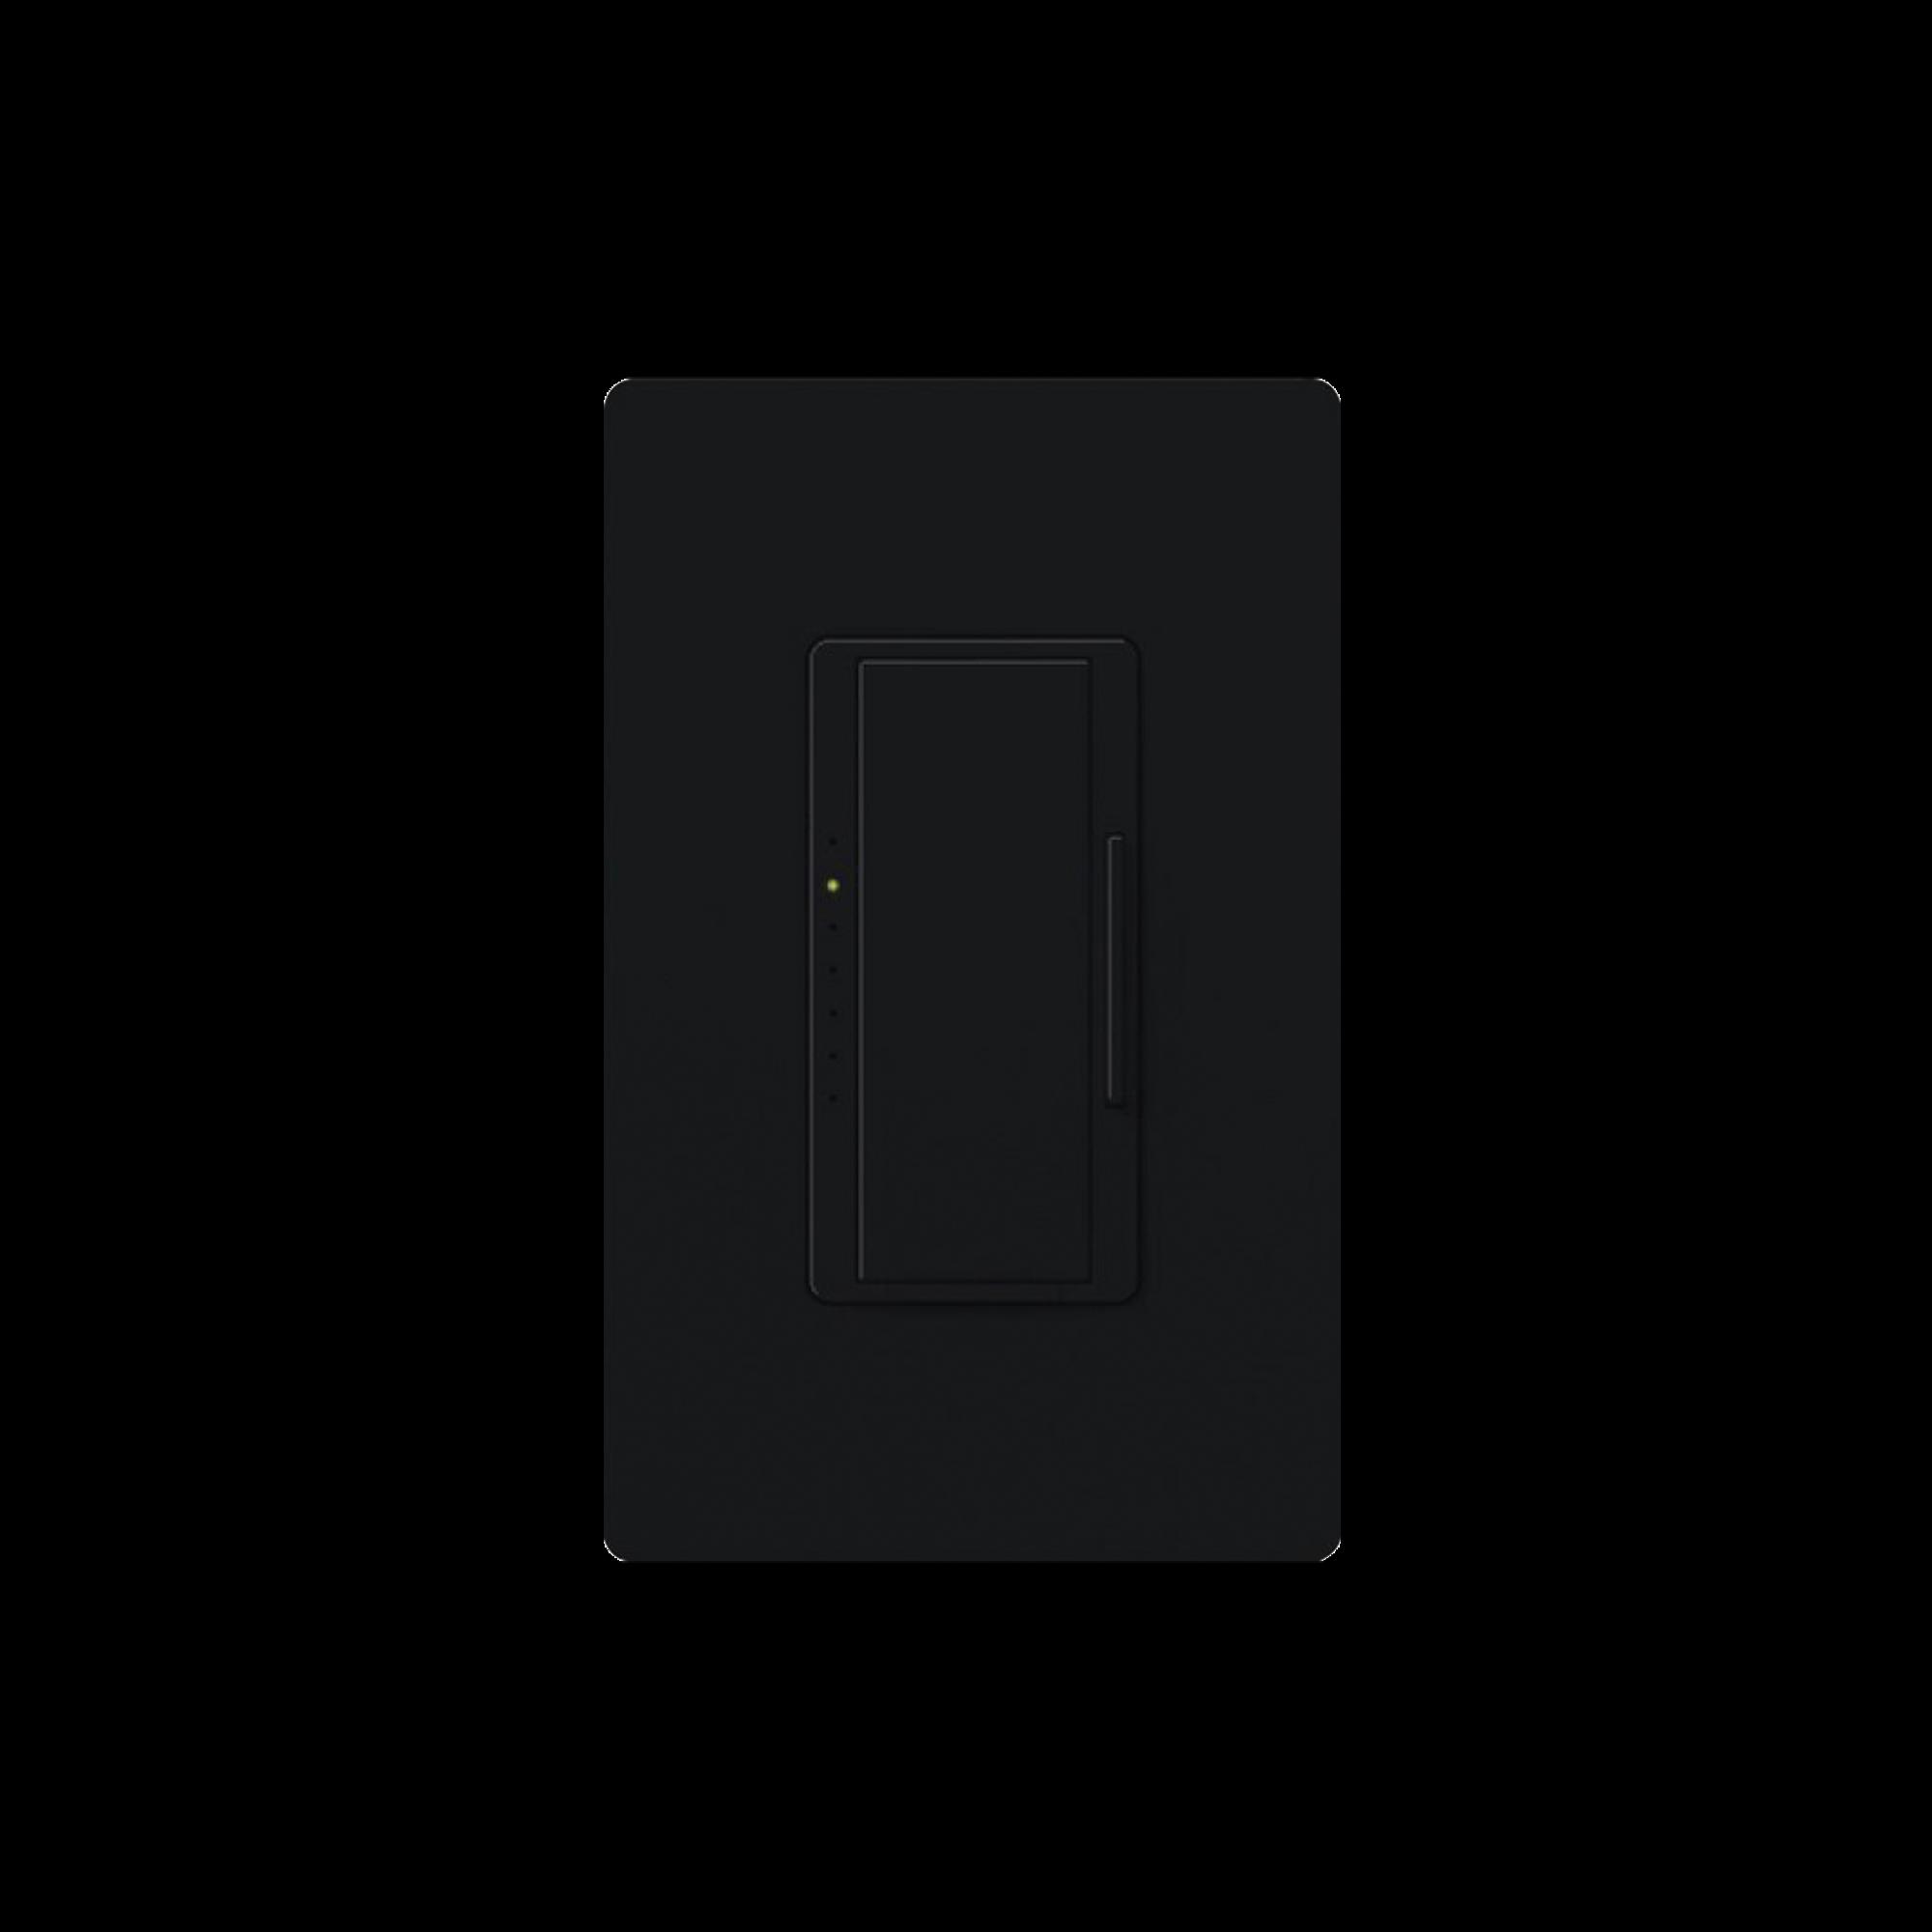 Atenuador (dimmer) un solo polo/multilocación 120VCA/600W (INC/MLV/HAL) o 150W (CFL/LED), apaga, enciende y atenúa iluminación. No requiere cable neutro, color negro.